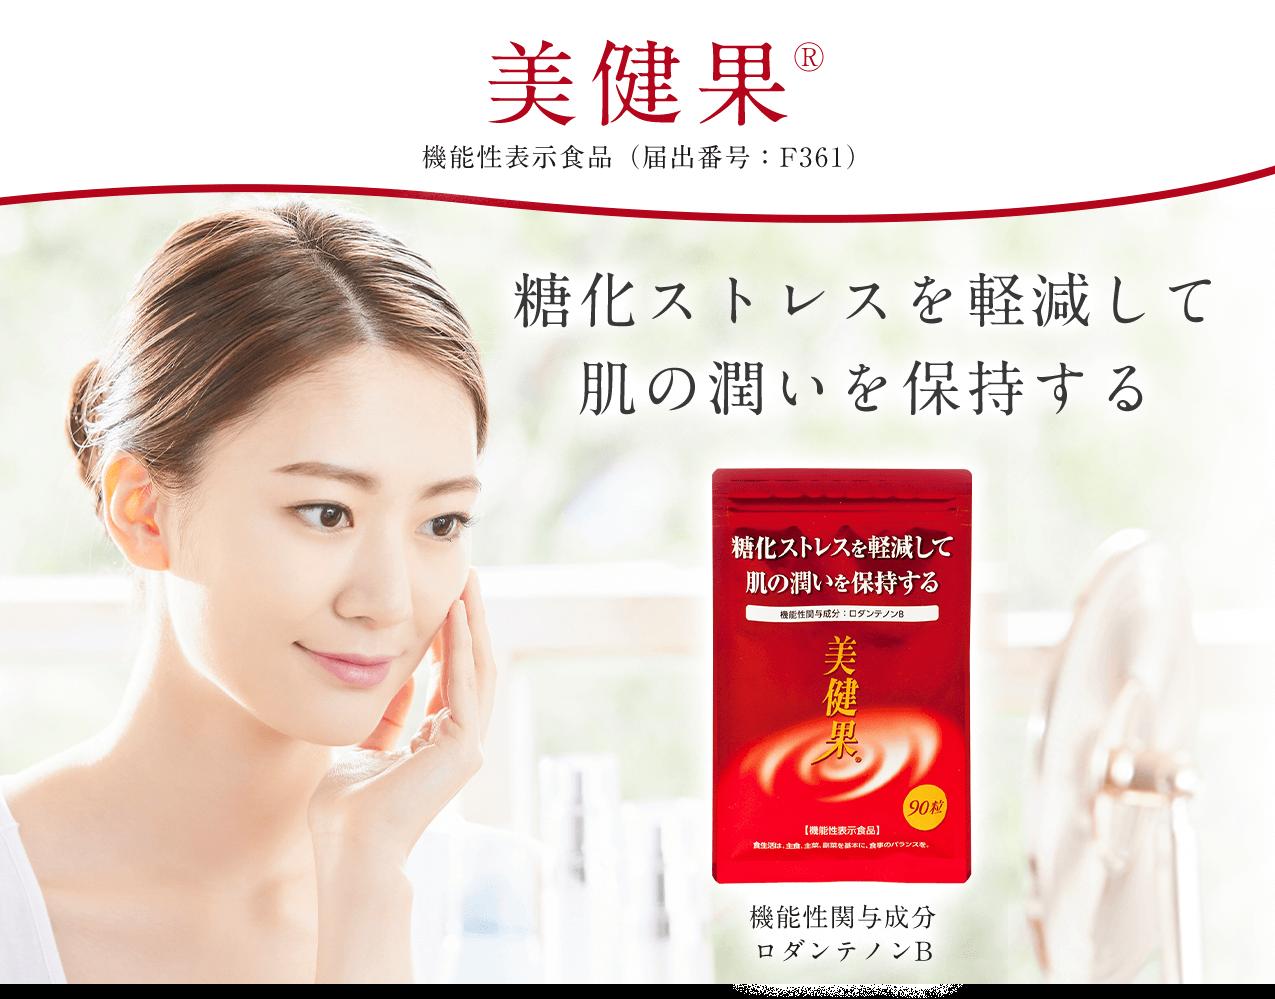 美健果®機能性表示食品(届出番号:F361) 糖化ストレスを軽減して 肌の潤いを保持する